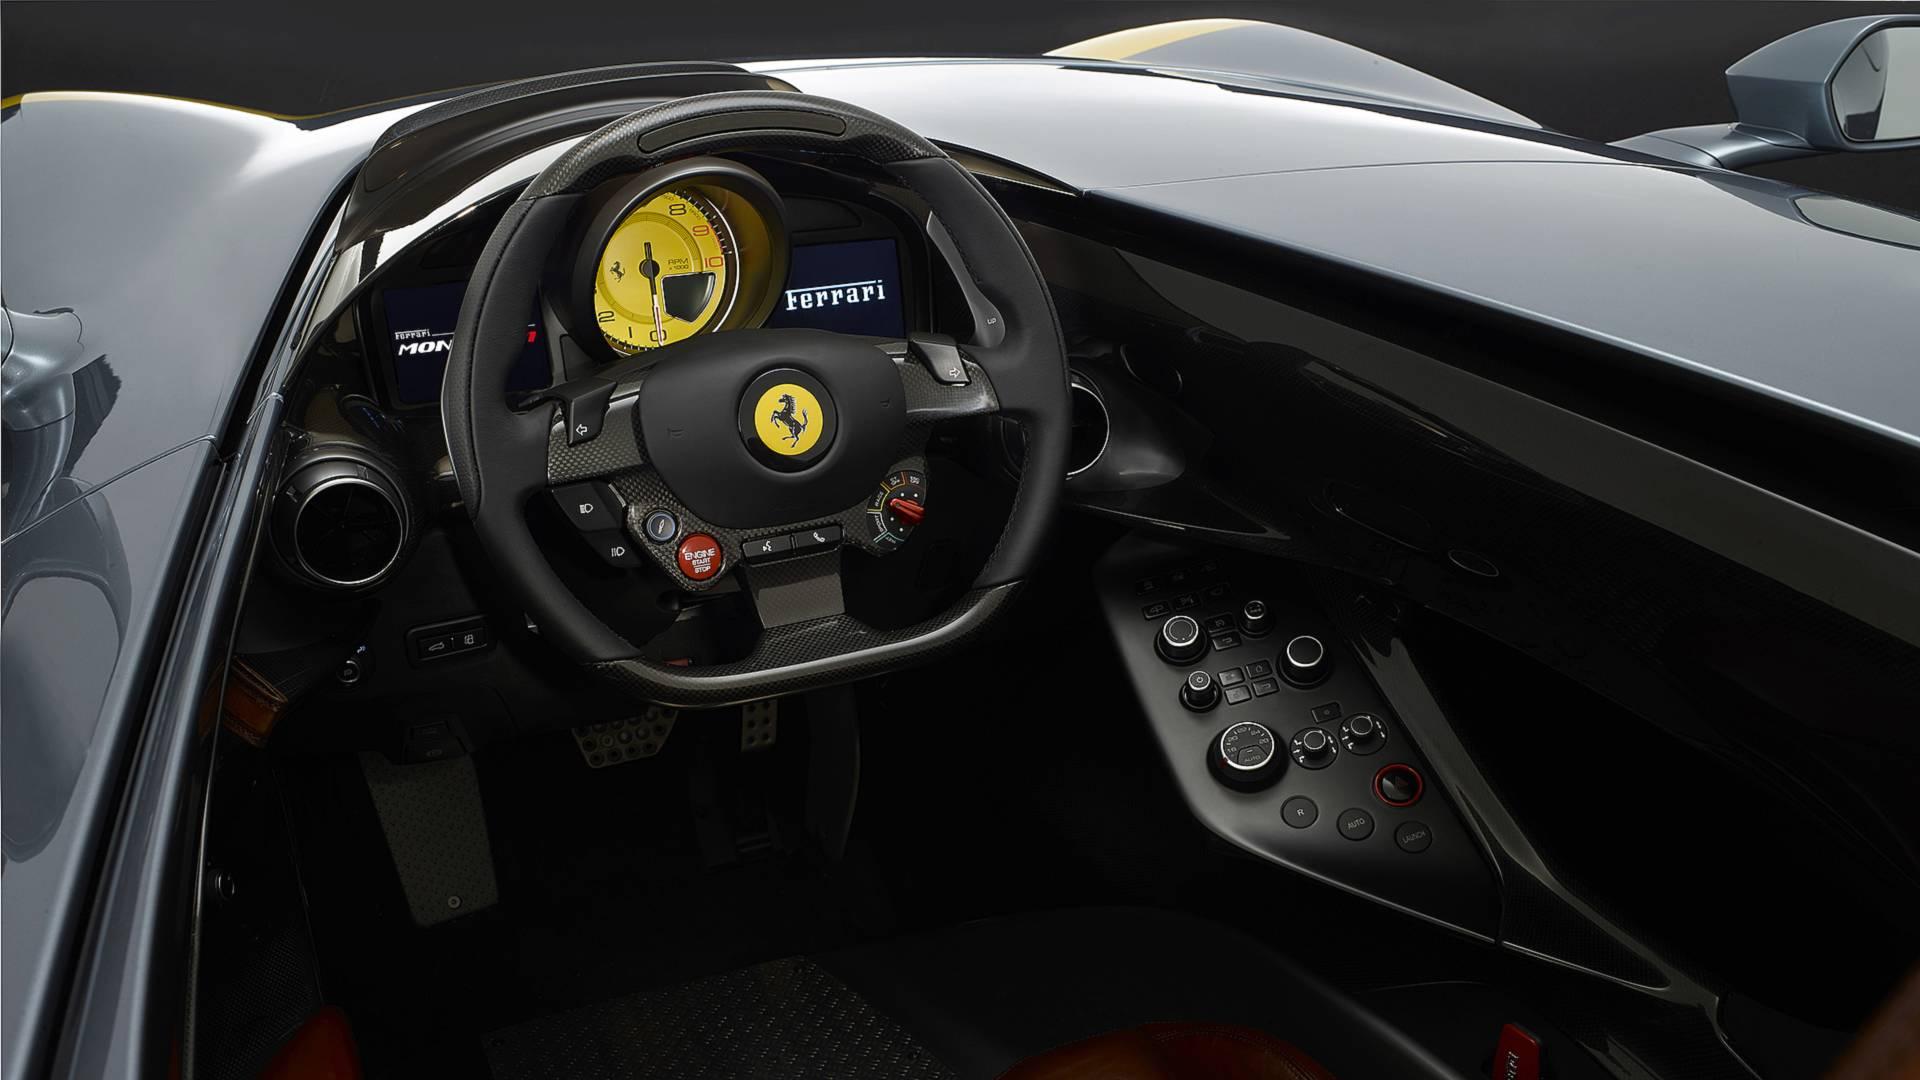 Рассекречен самый невероятный суперкар Ferrari в истории